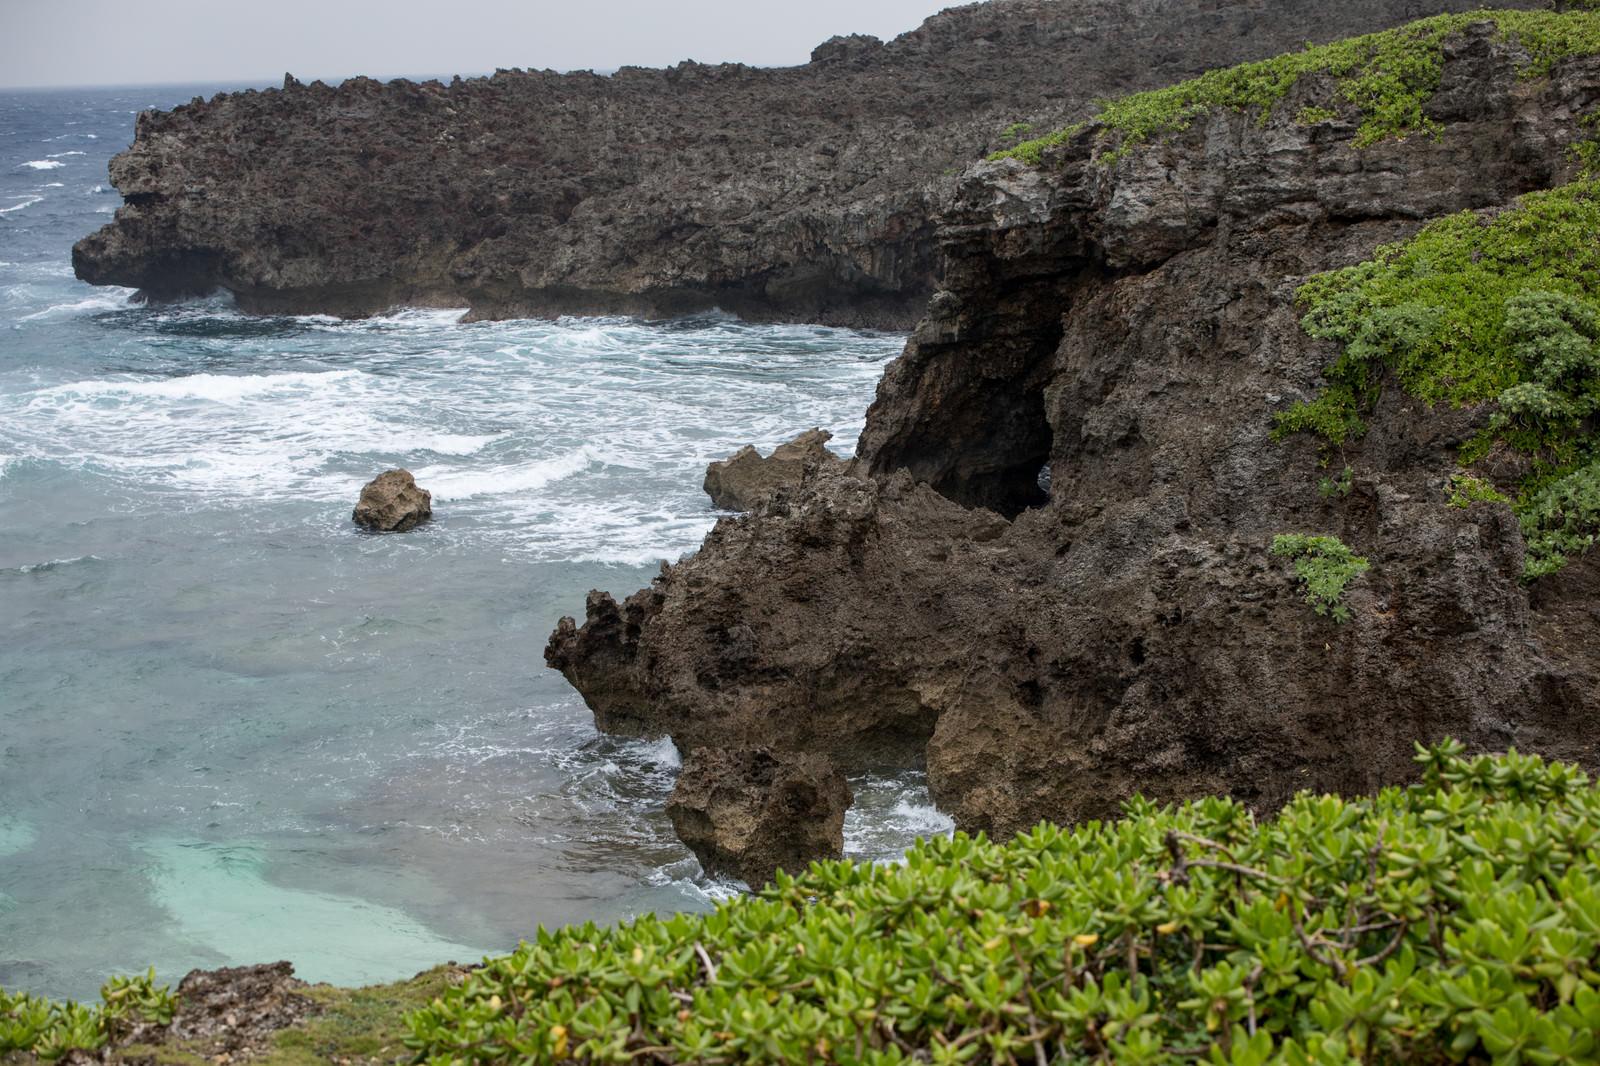 「岩場が多い宮古島の海」の写真